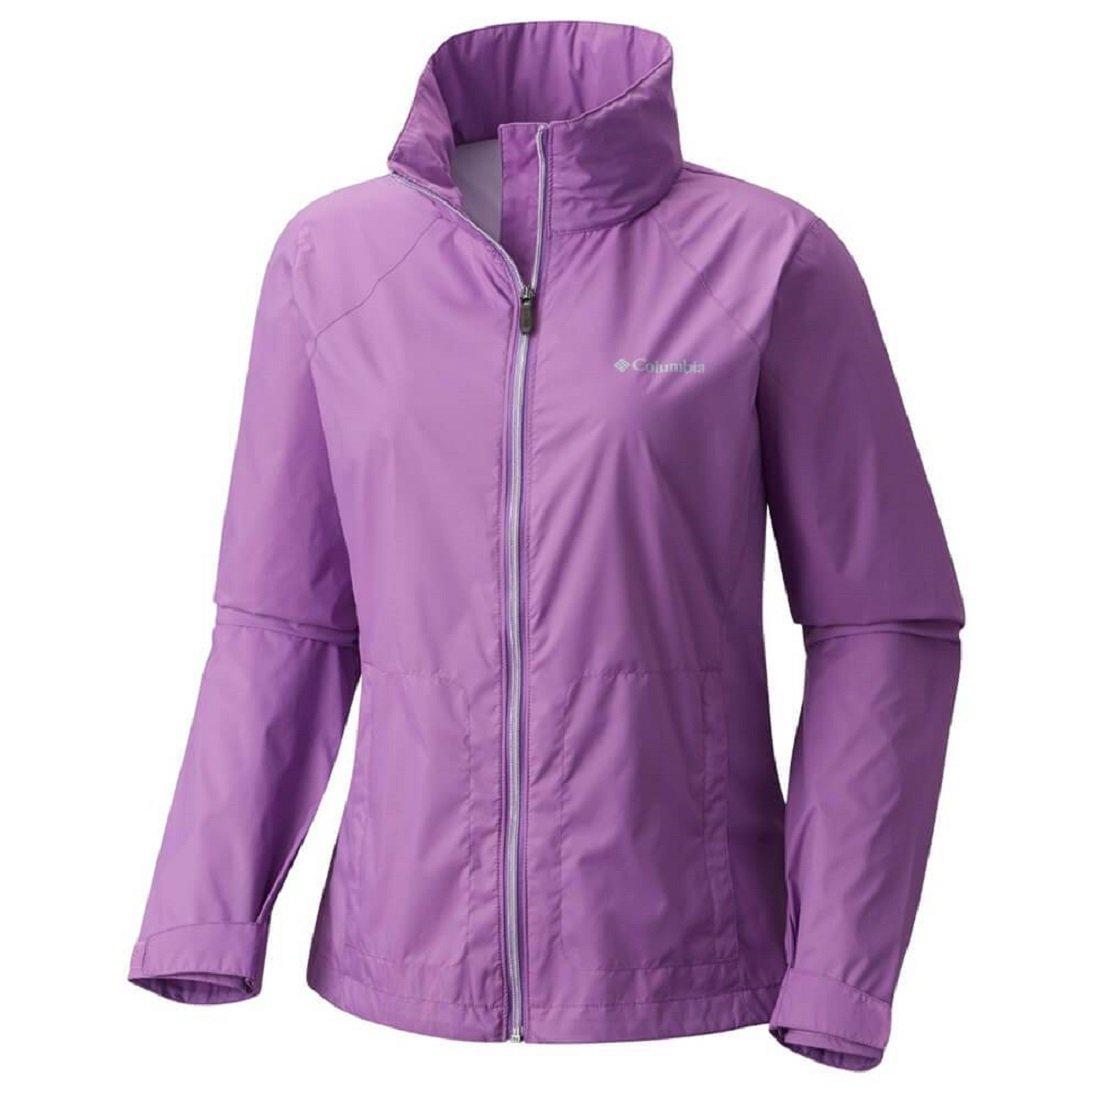 Columbia Women's Switchback III Jacket, Crown Jewel, X-Large